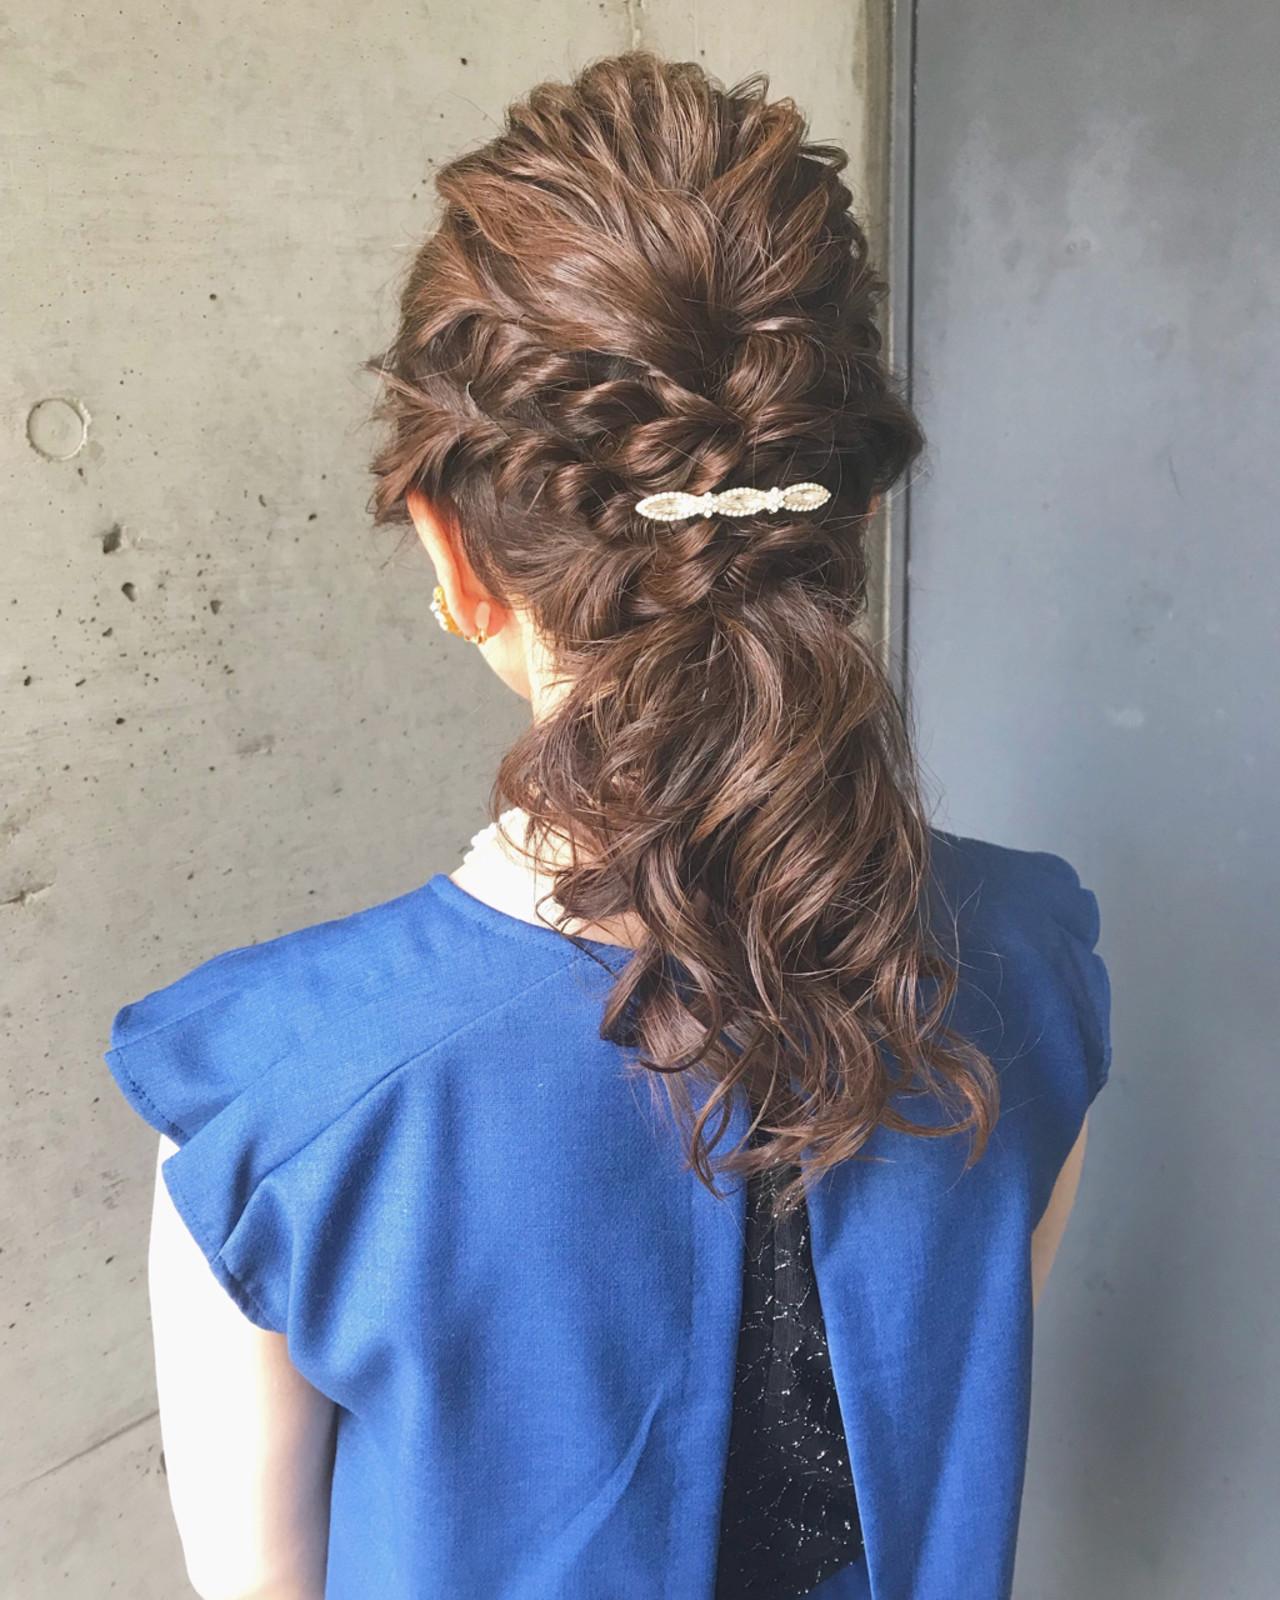 セミロング 編み込み ポニーテール 結婚式 ヘアスタイルや髪型の写真・画像   ♡ m i w a ♡schritt渋谷 / schritt (シュリット)渋谷